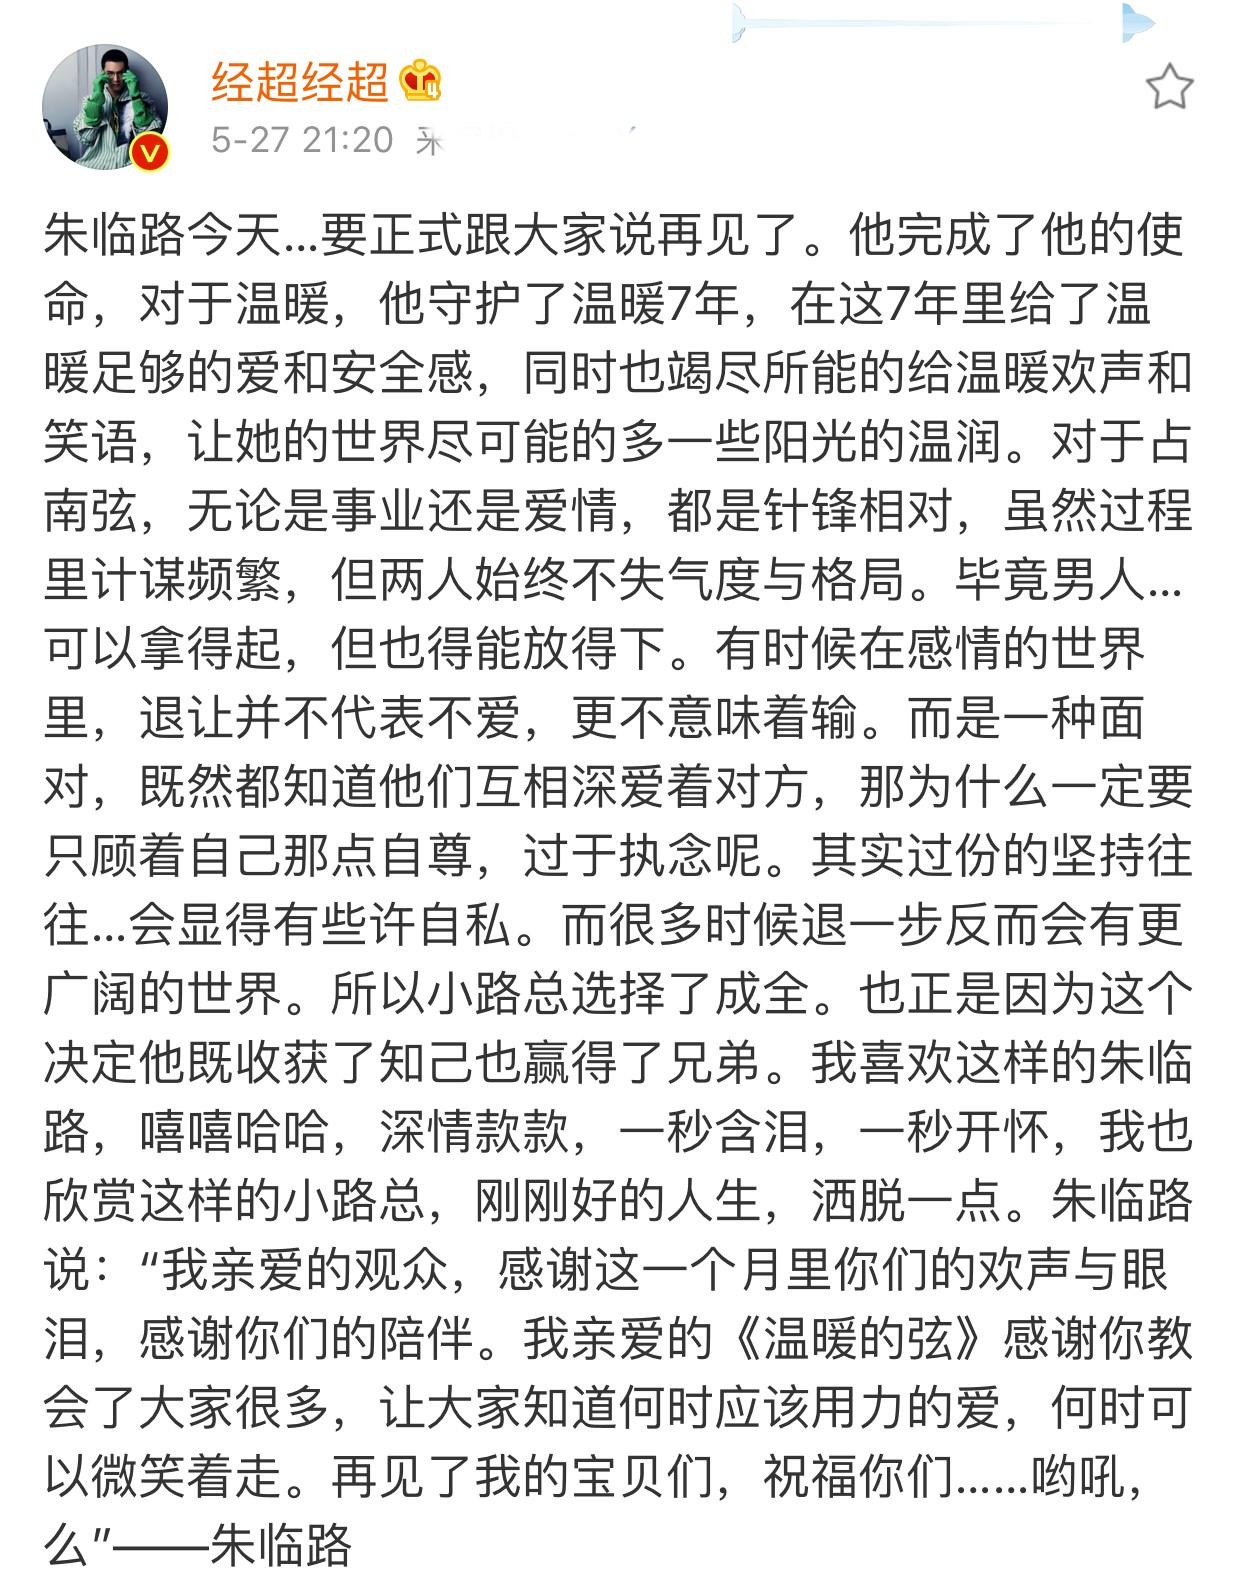 经超微博发长文